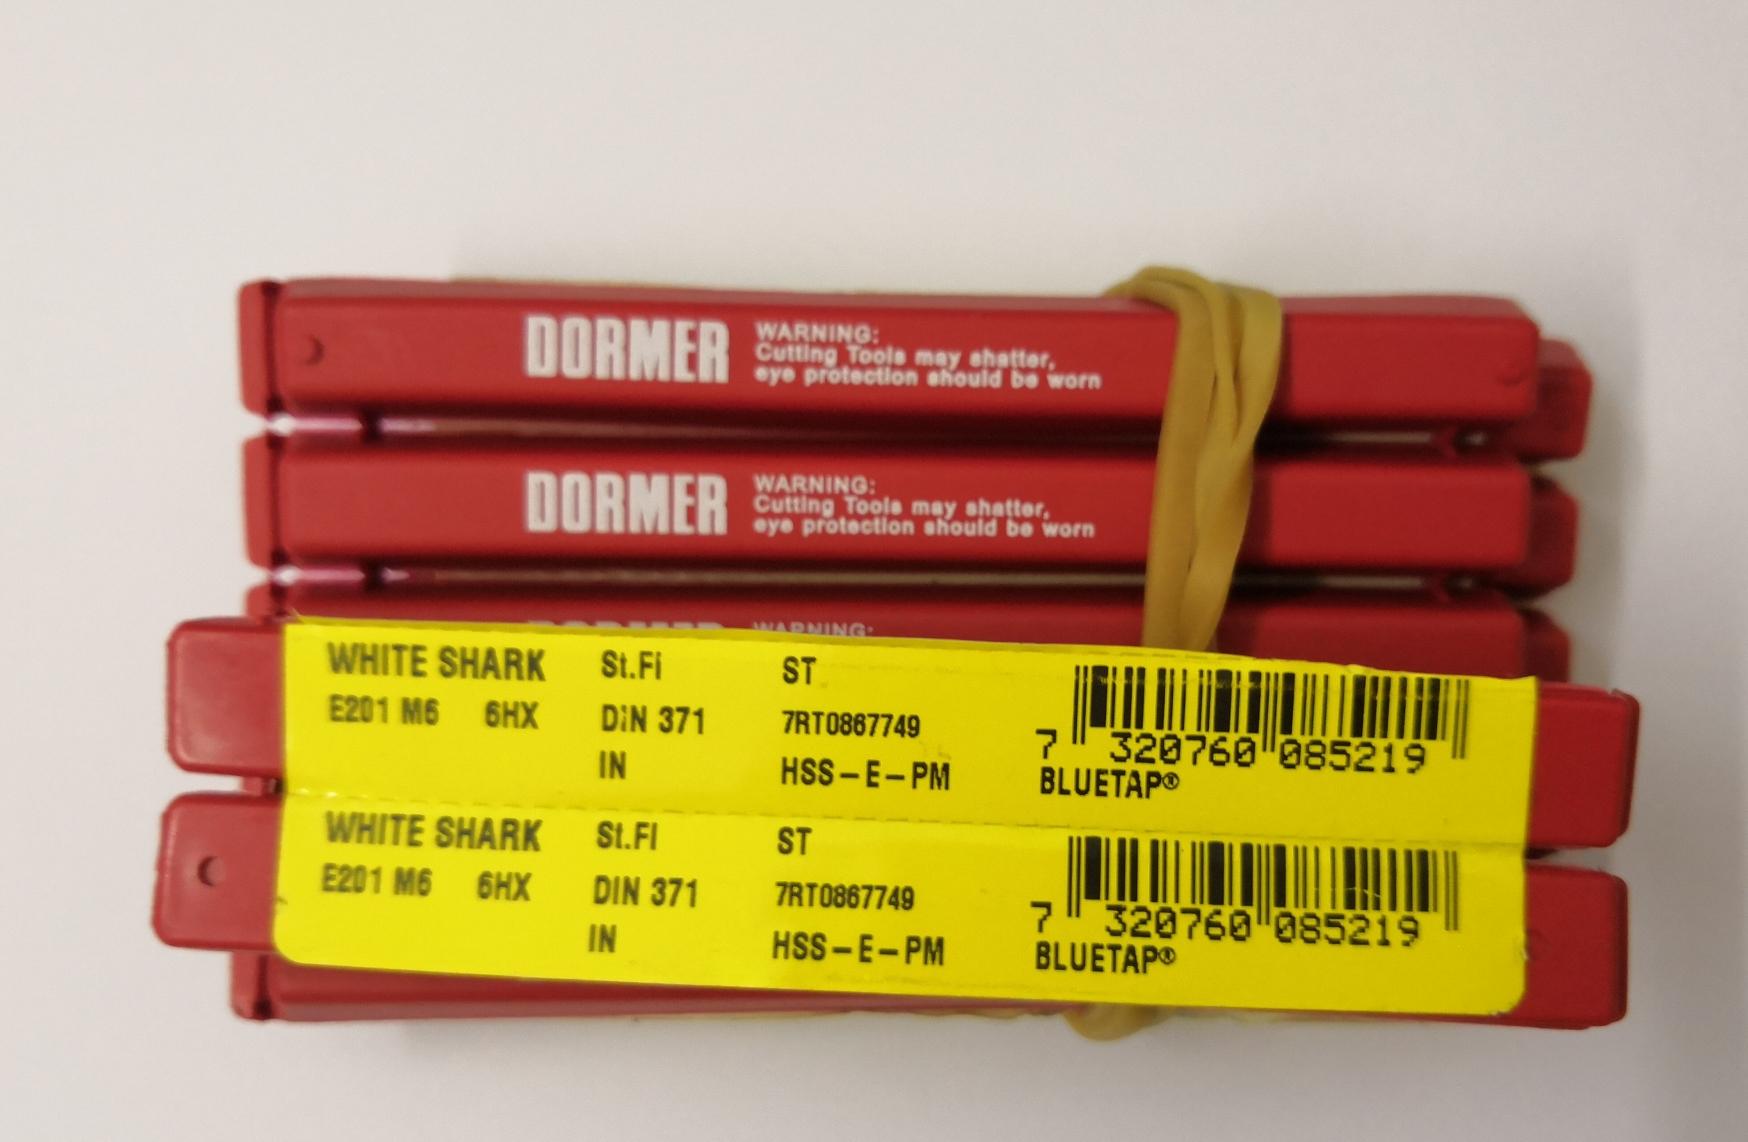 DORMER E201 M6 丝锥